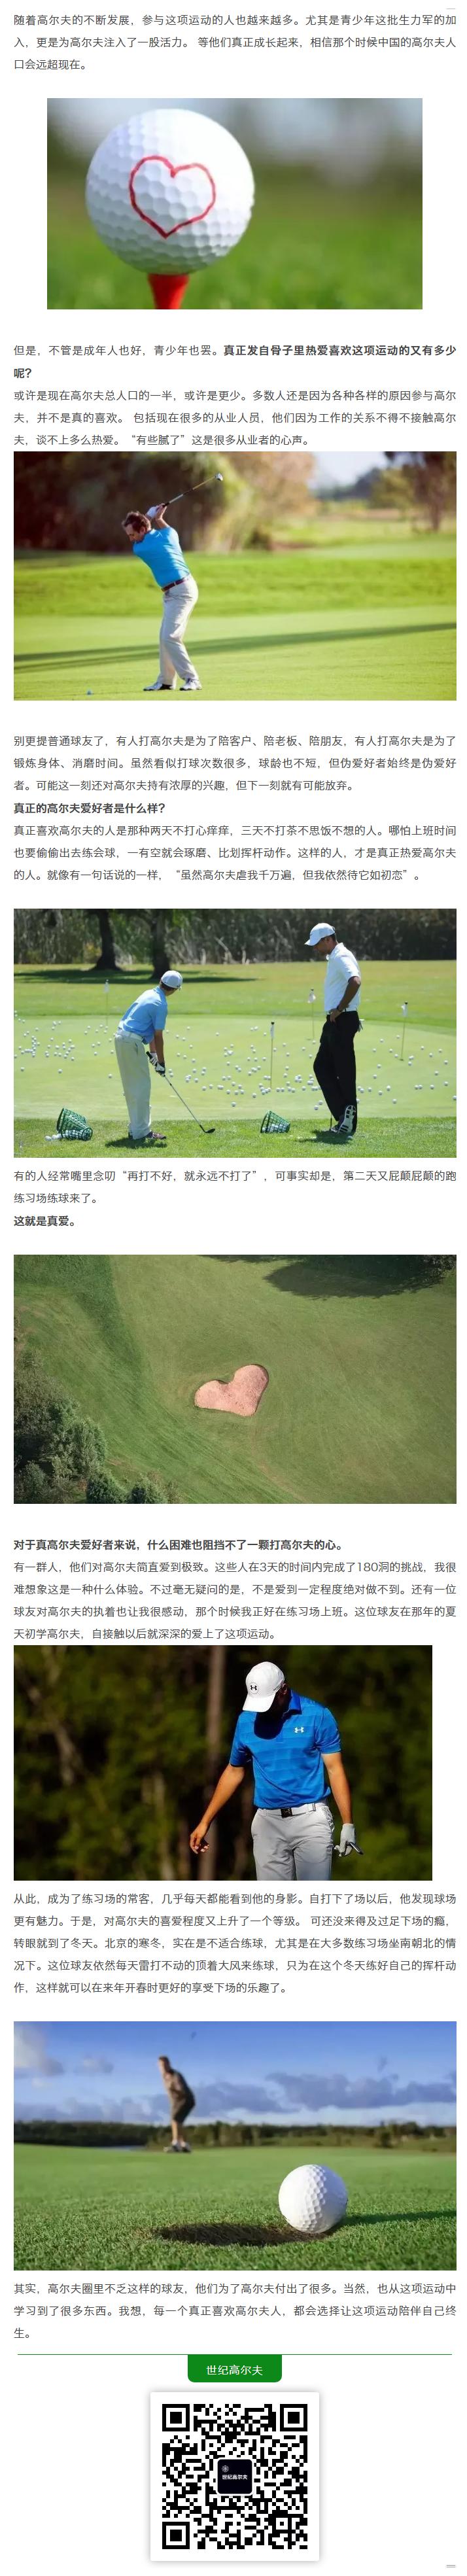 问问自己,你真的喜欢高尔夫吗?.png